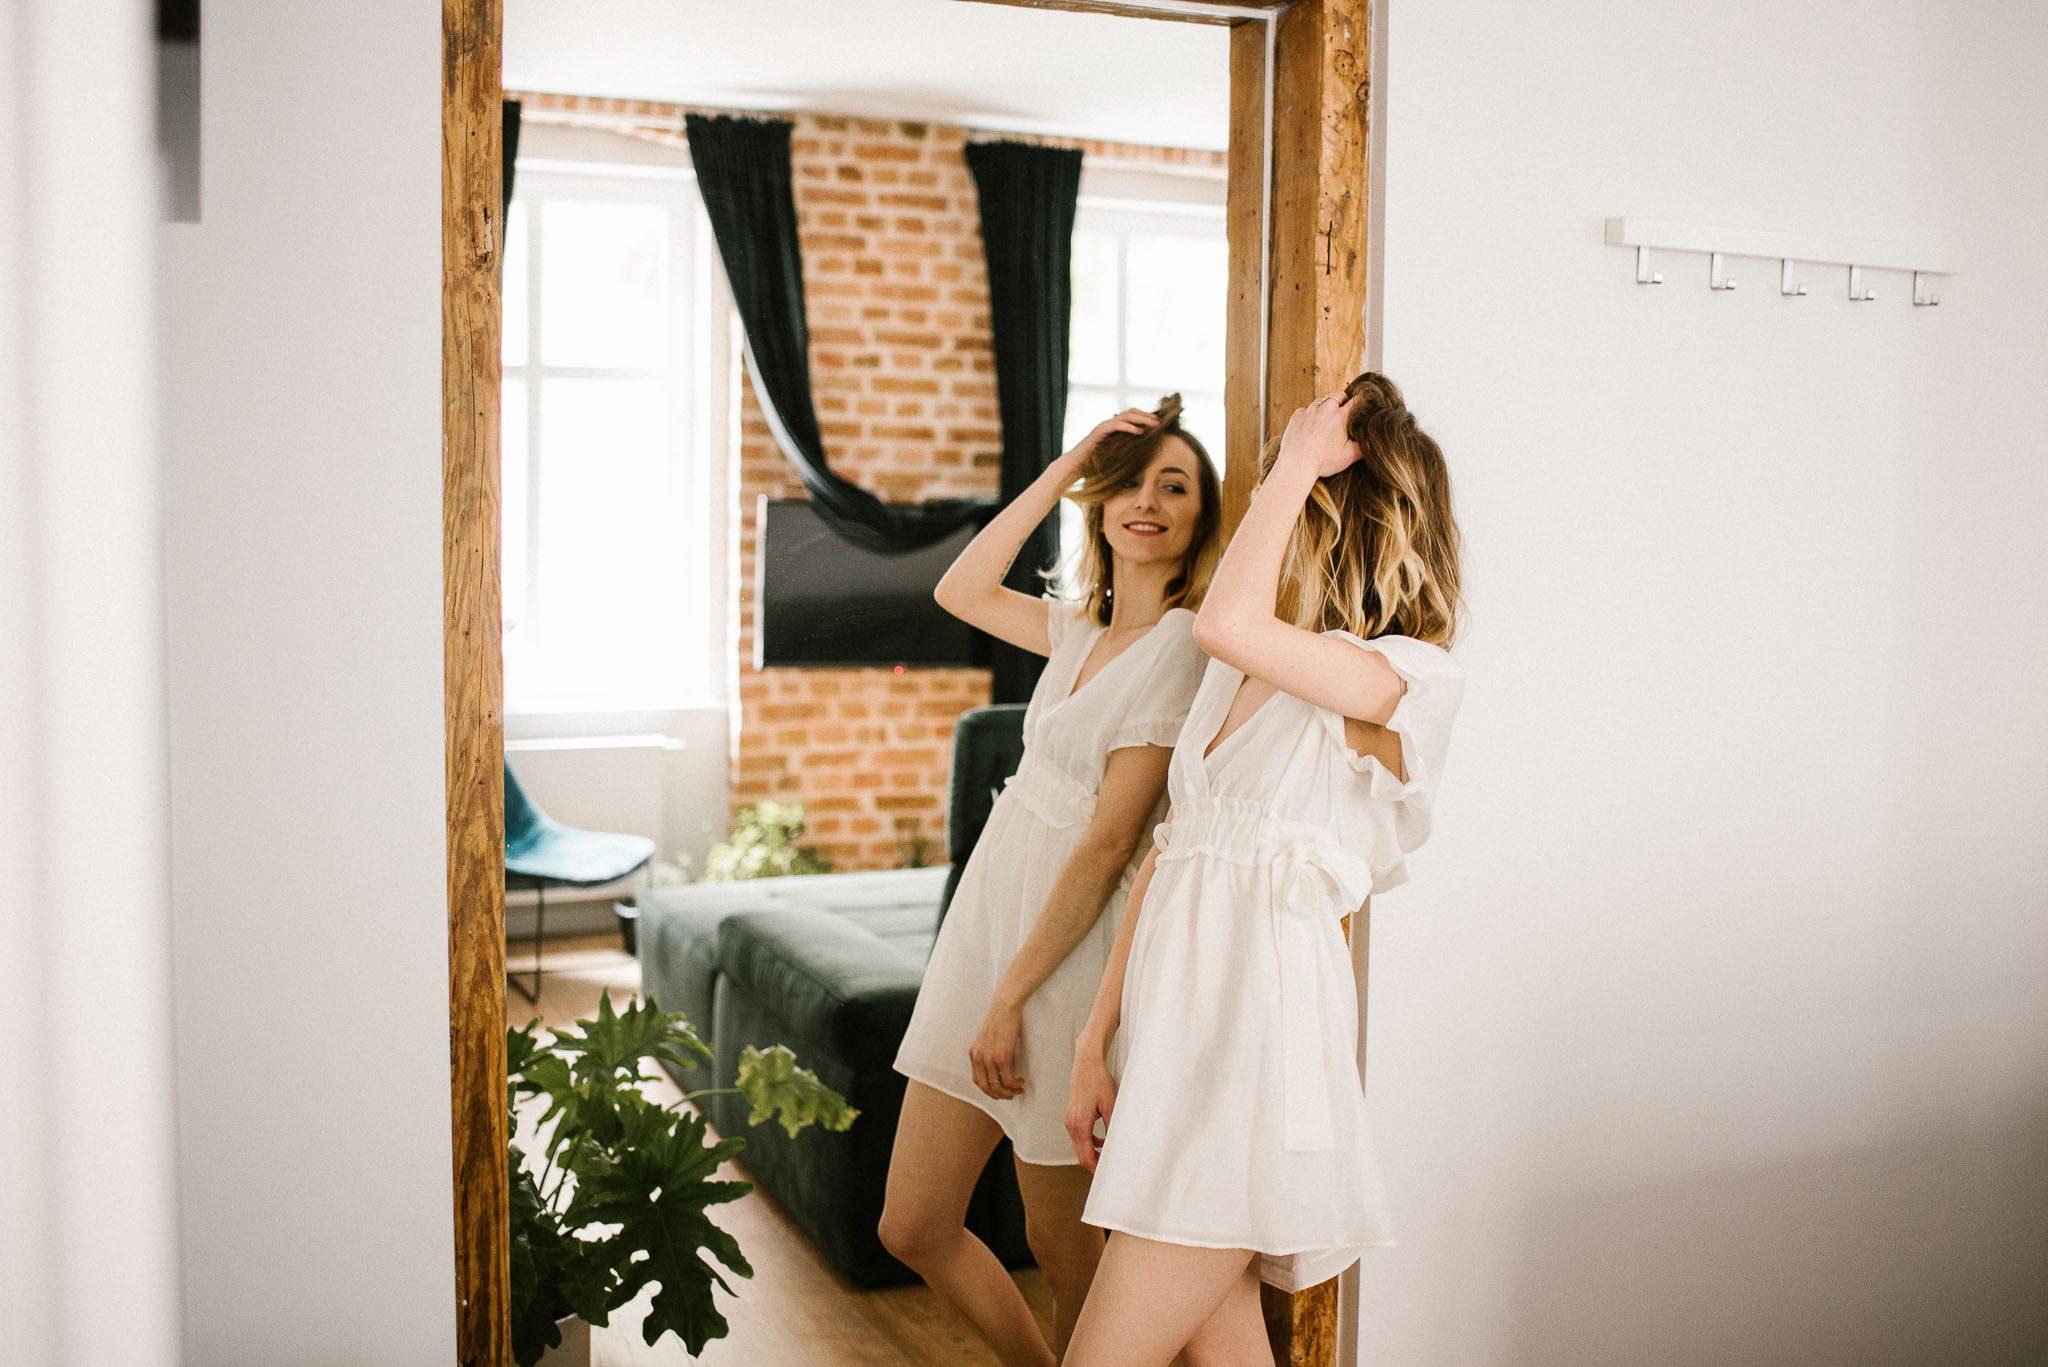 Kobieta podczas sesji kobiecej przegląda się w lustrze w apartamencie